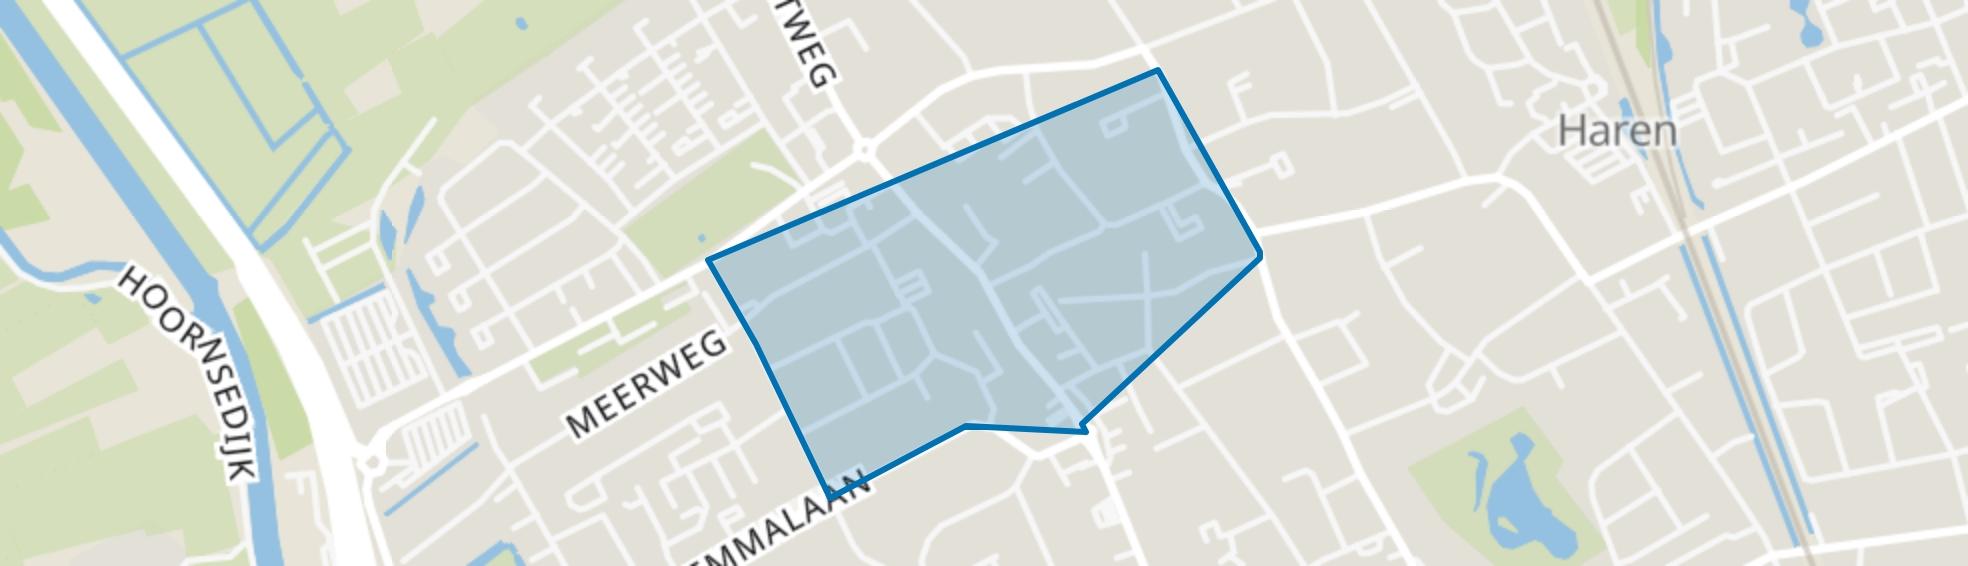 Haren-Centrum, Haren (GR) map